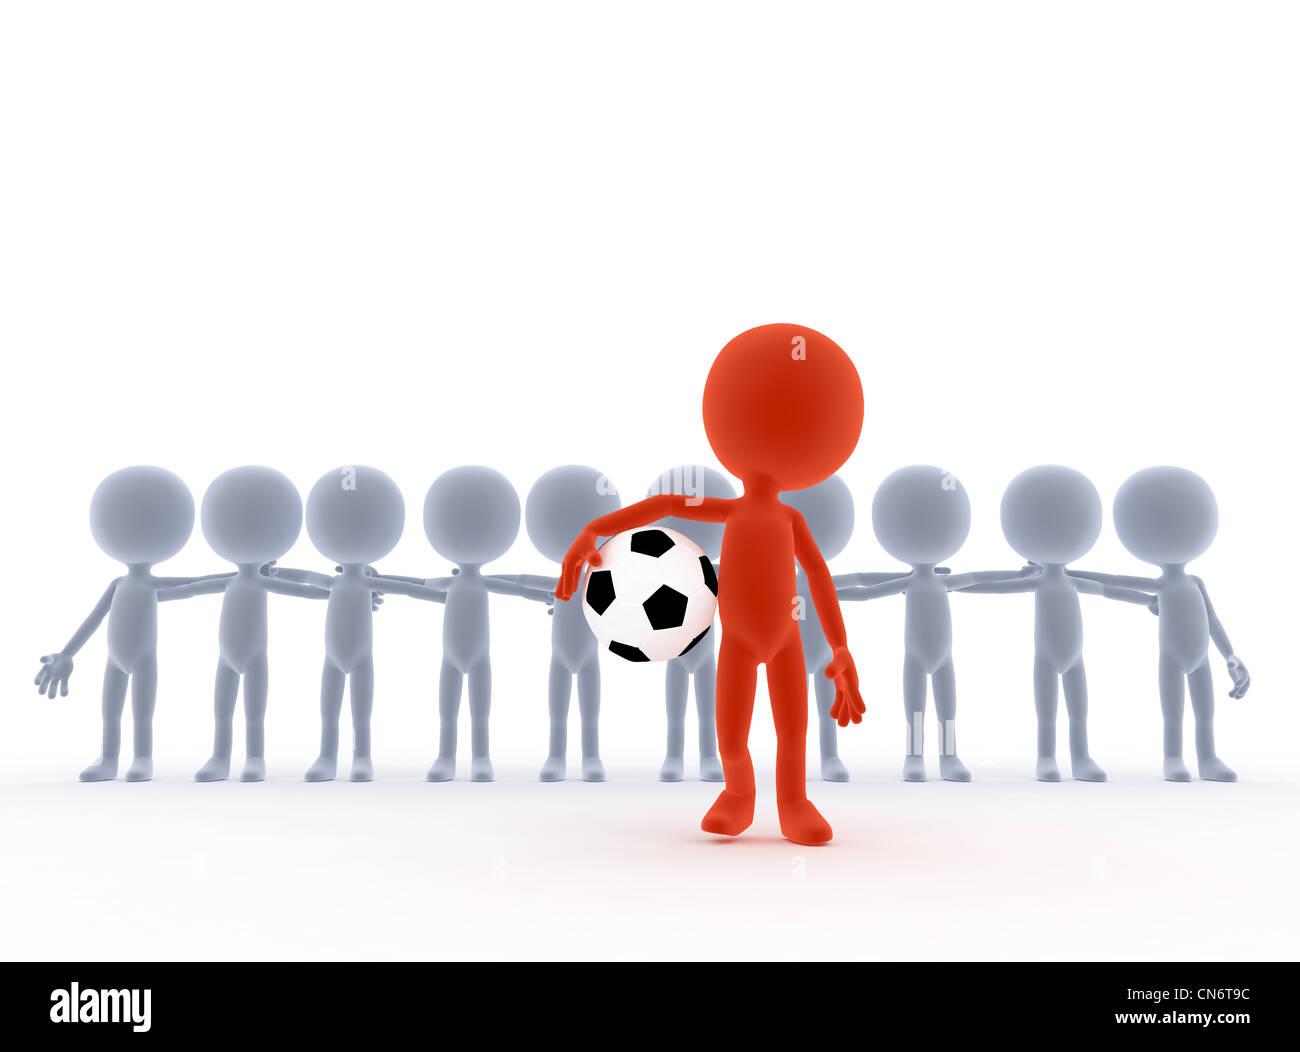 Fußball, Fußball-Teamchef mit Ball und seinem Volk. Toons, konzeptionelle Stockbild